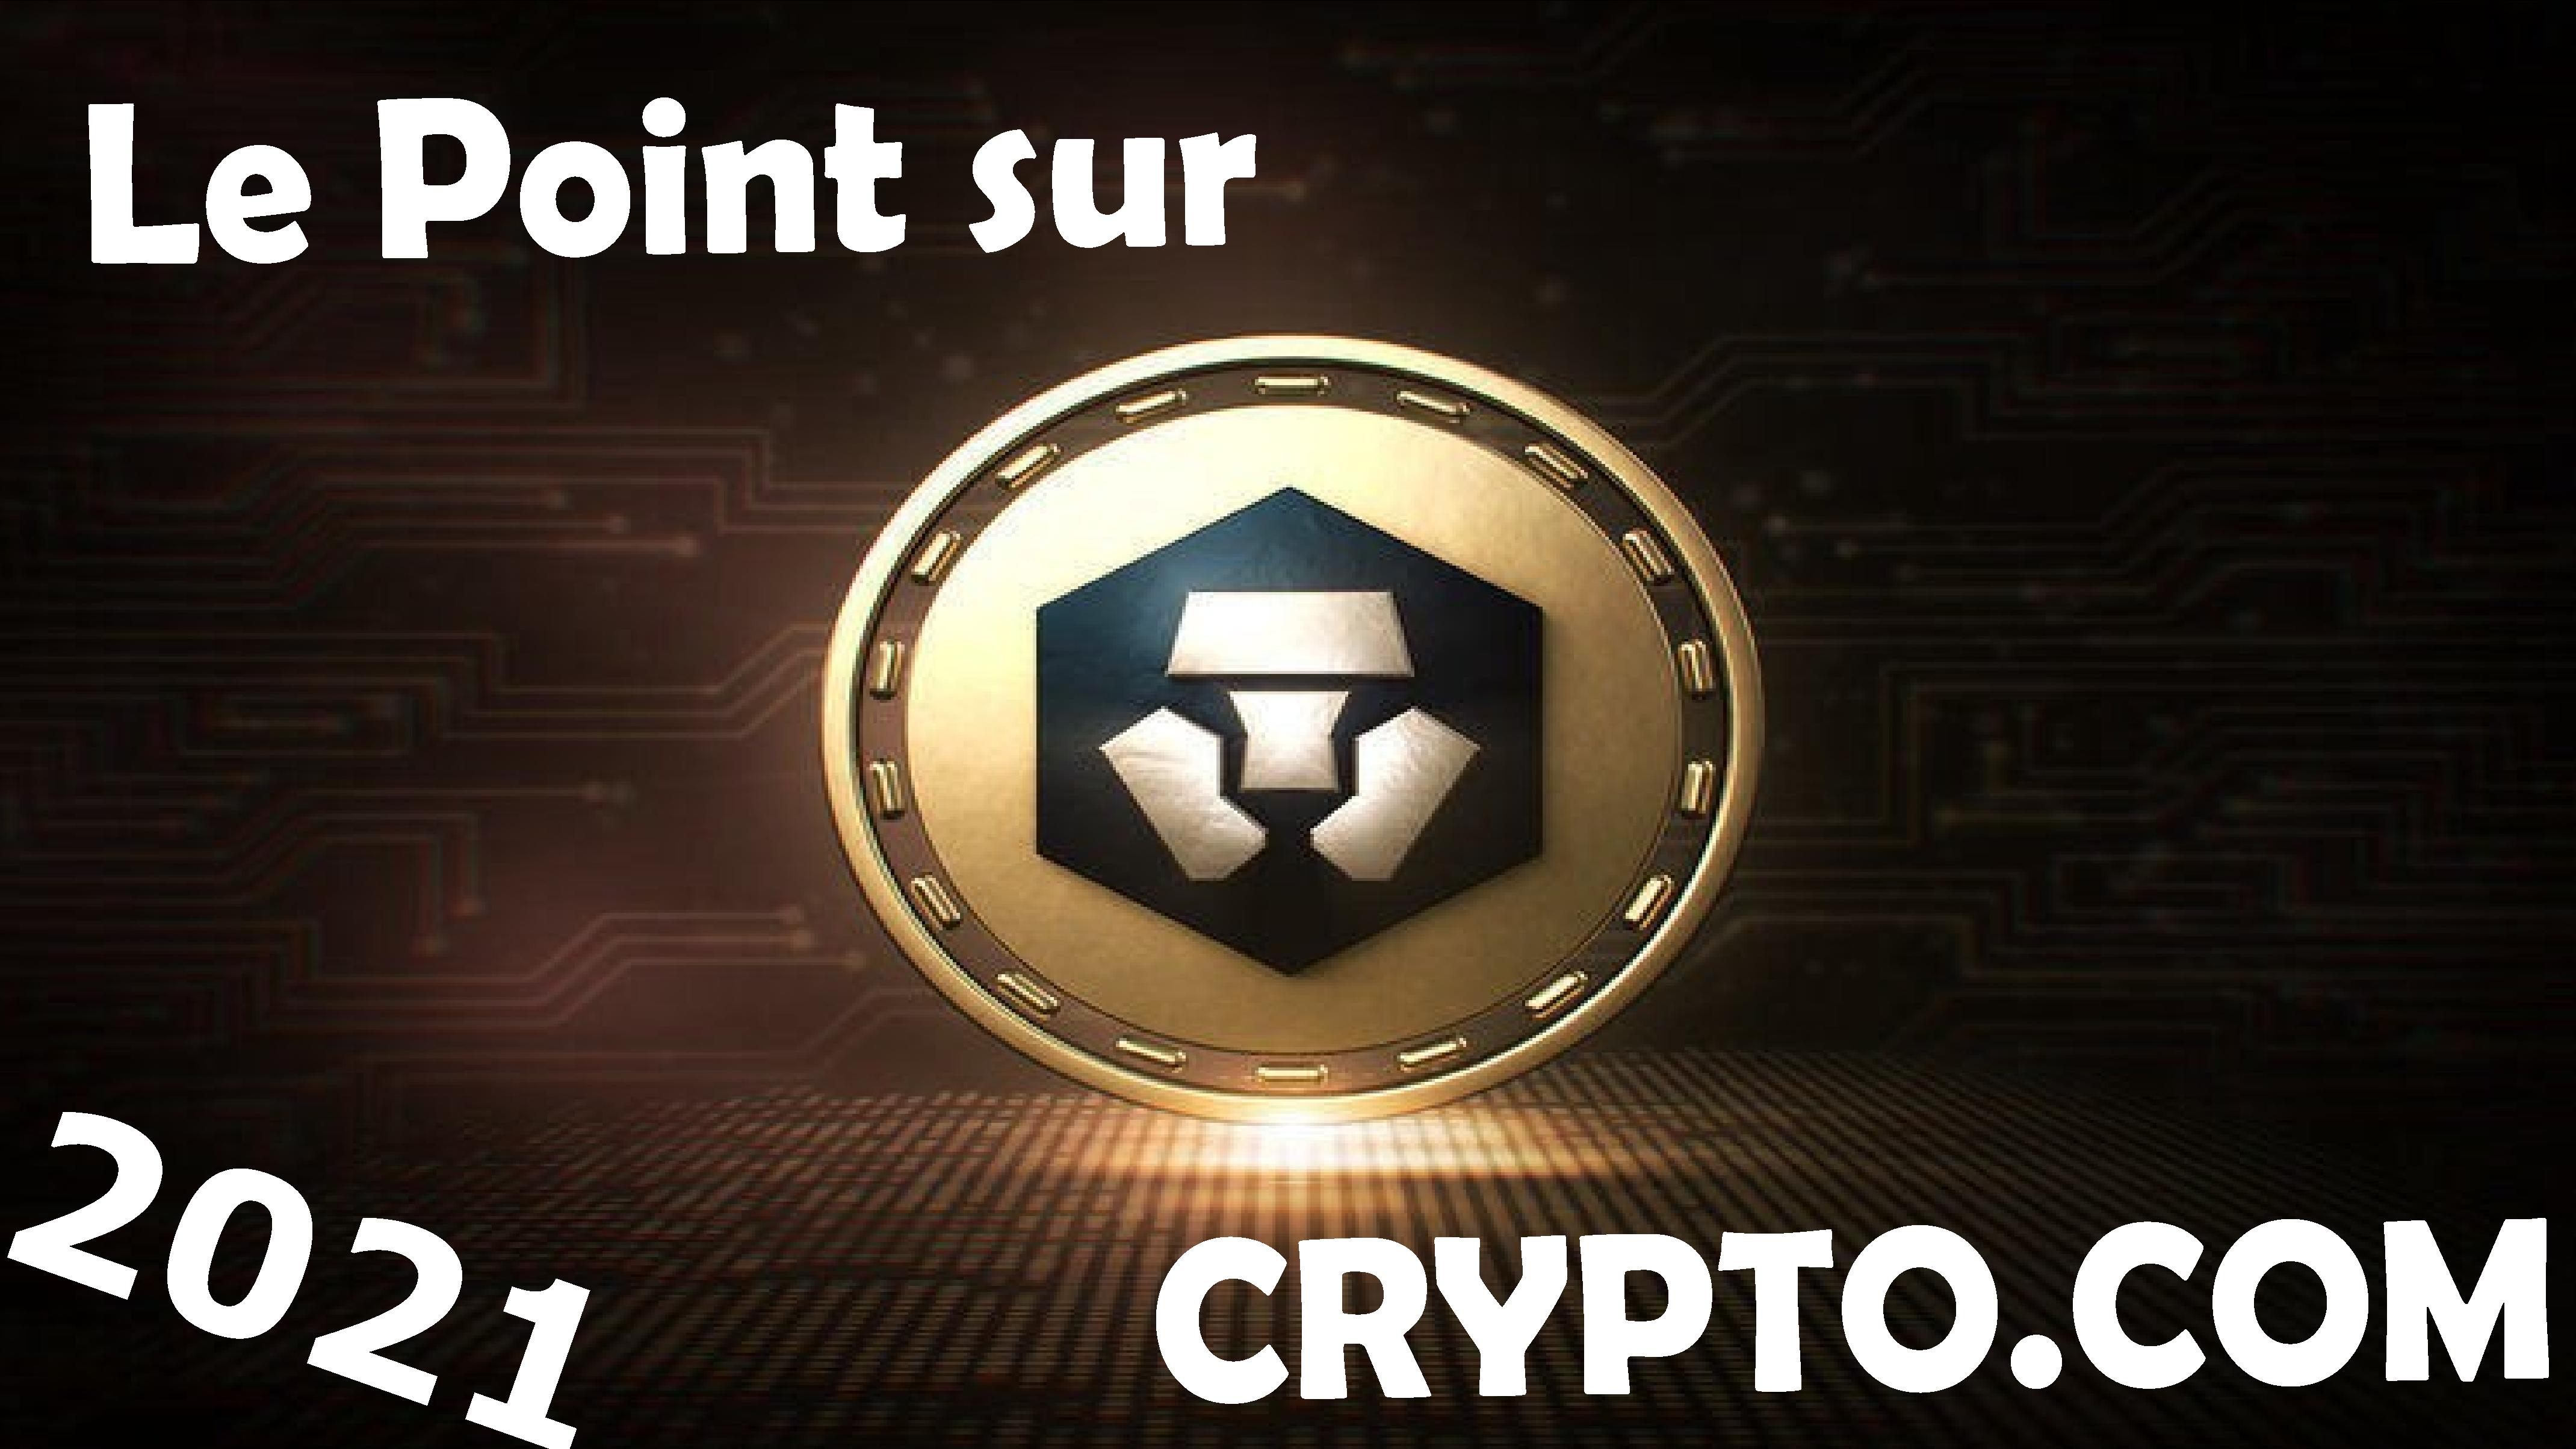 2021 - Crypto.com